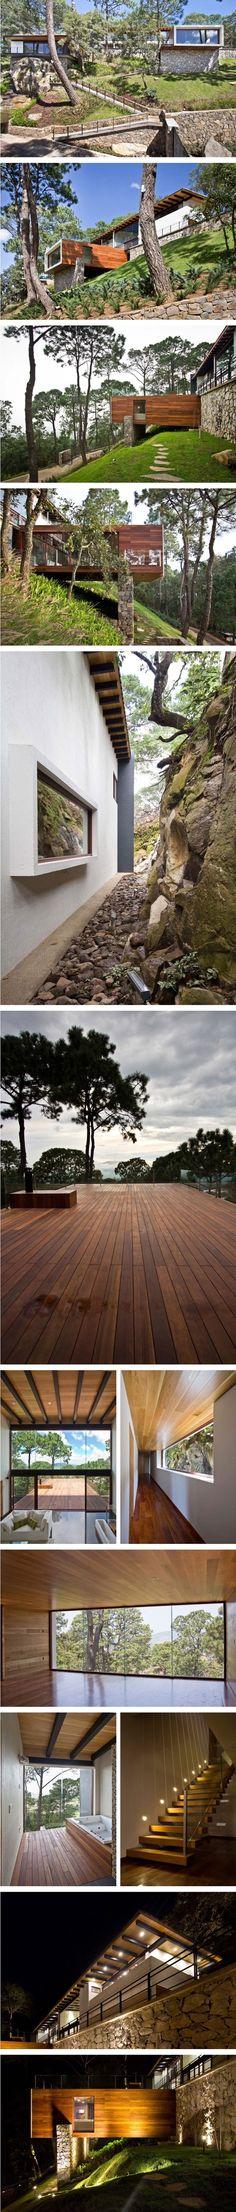 자연의 재료를 빌려 지은 자연 친화적인 주택 - Daum 부동산 커뮤니티 Cafe House, My House, House Rooms, Gaia, Old Houses, My Dream Home, Architecture Design, Planters, World